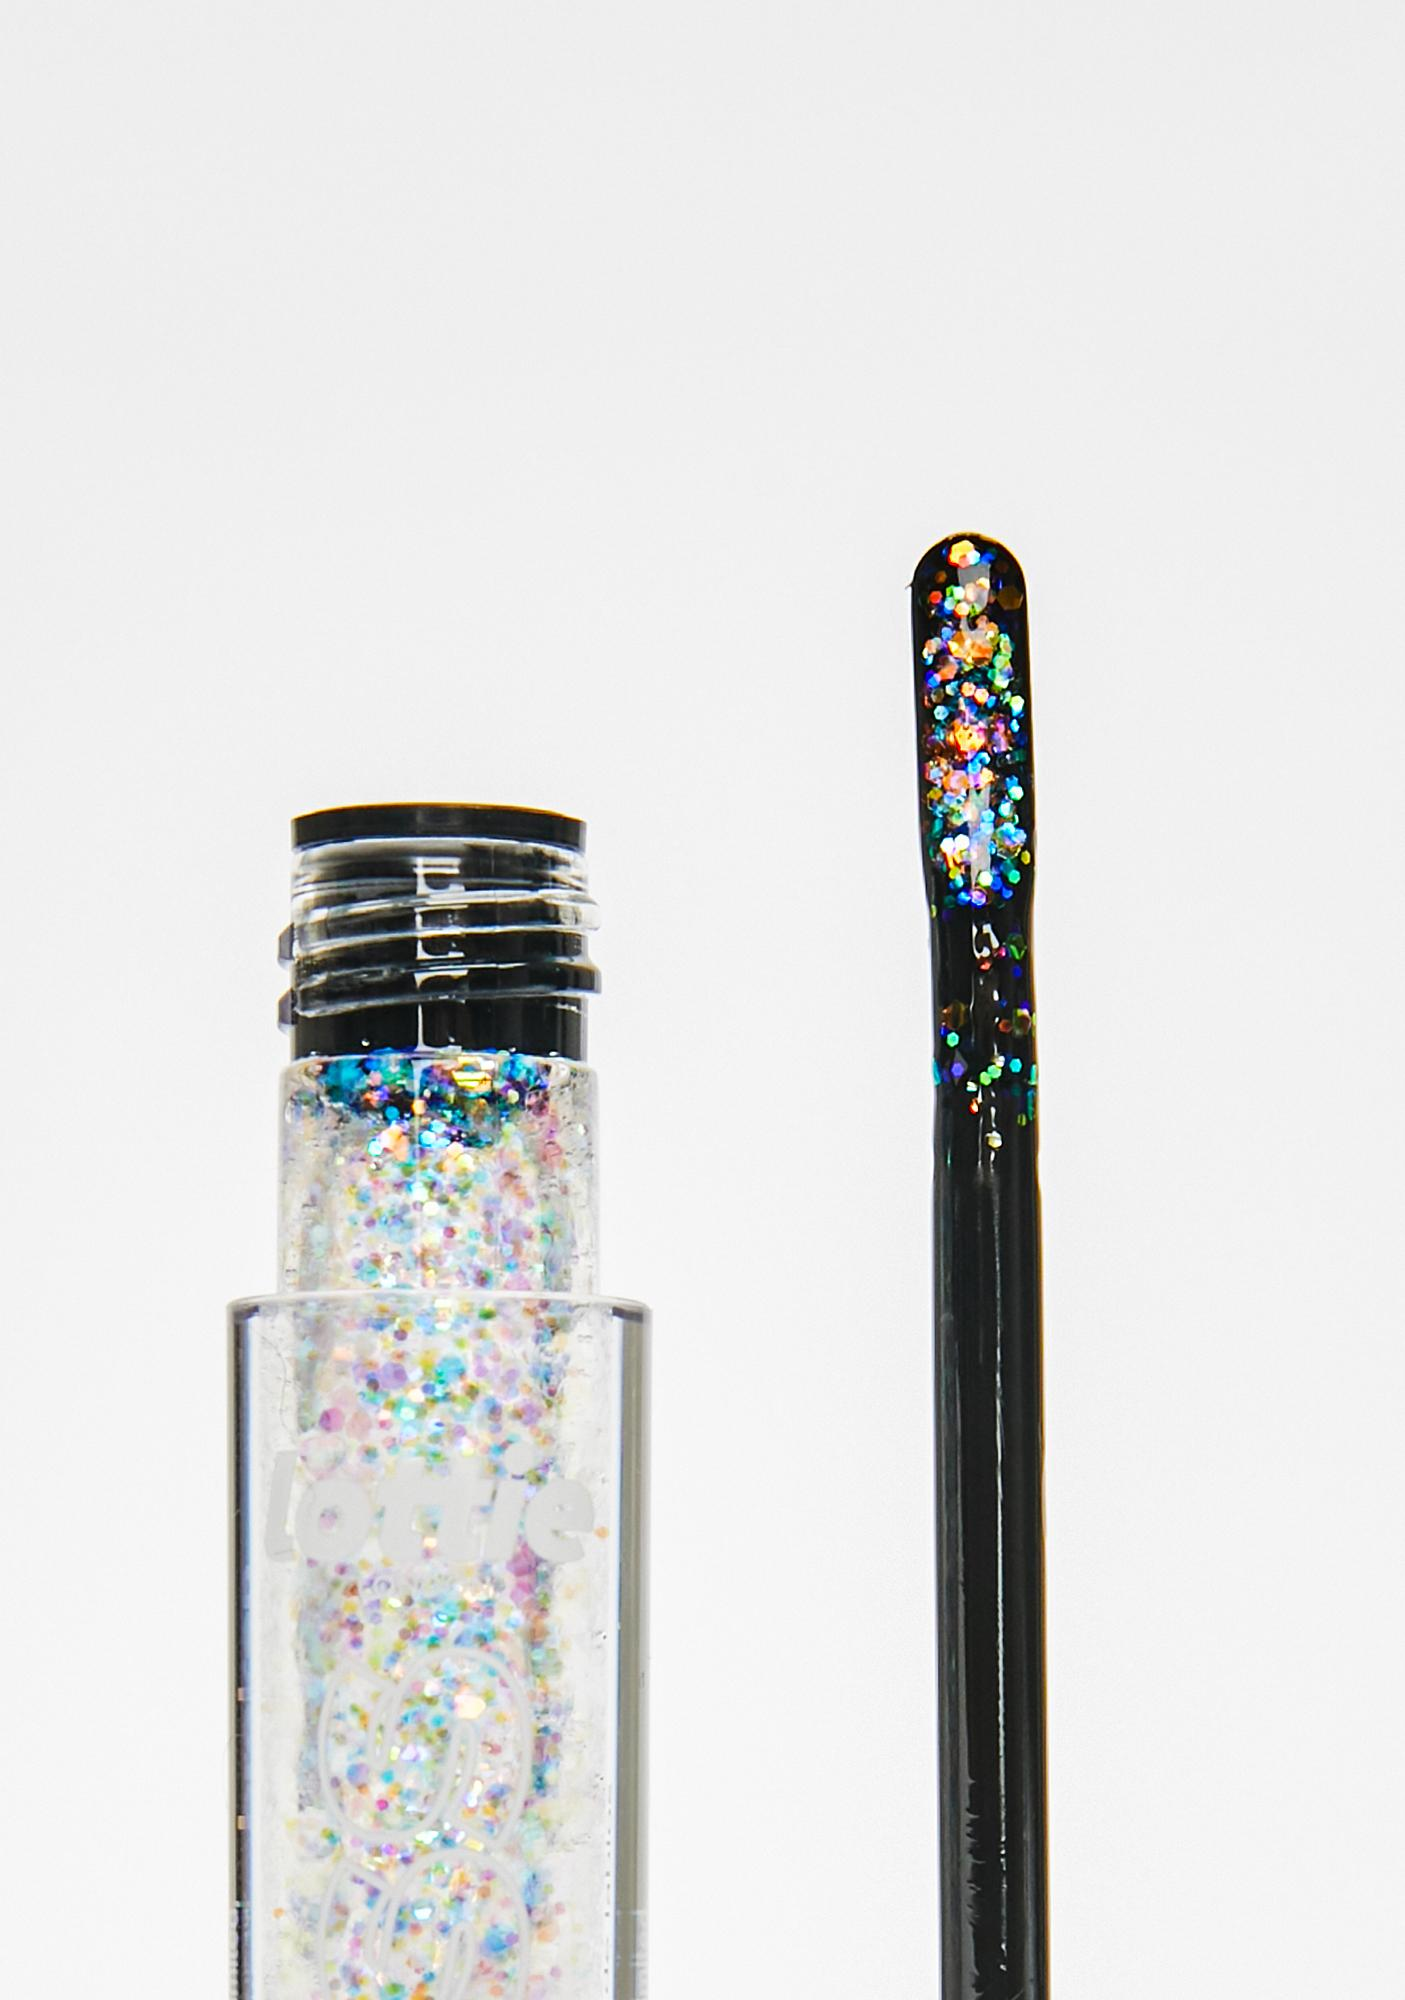 Lottie London Broken Glitter Glass Lip Gloss